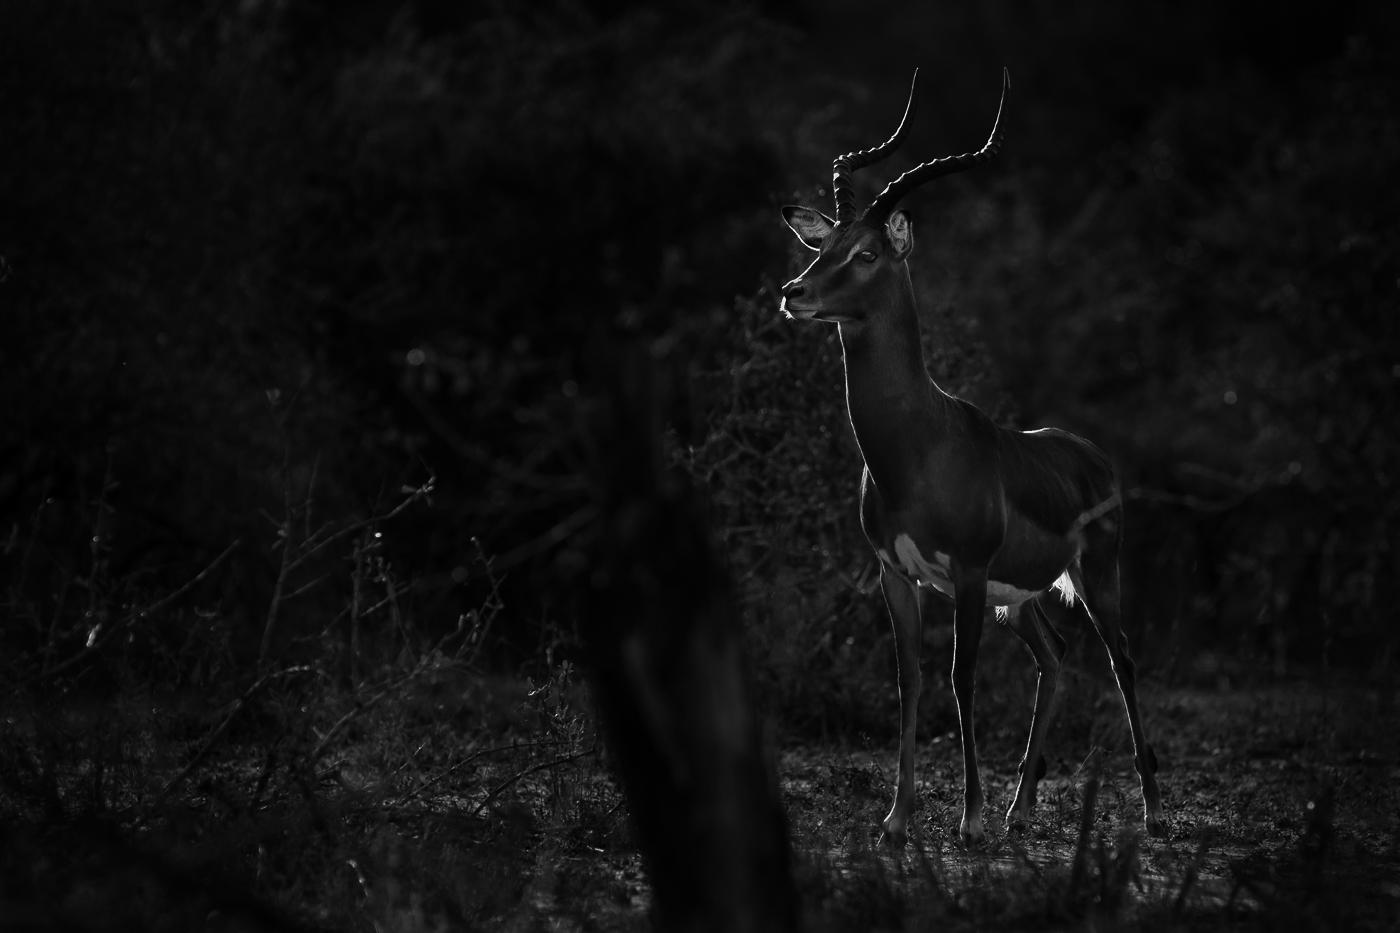 impala alert